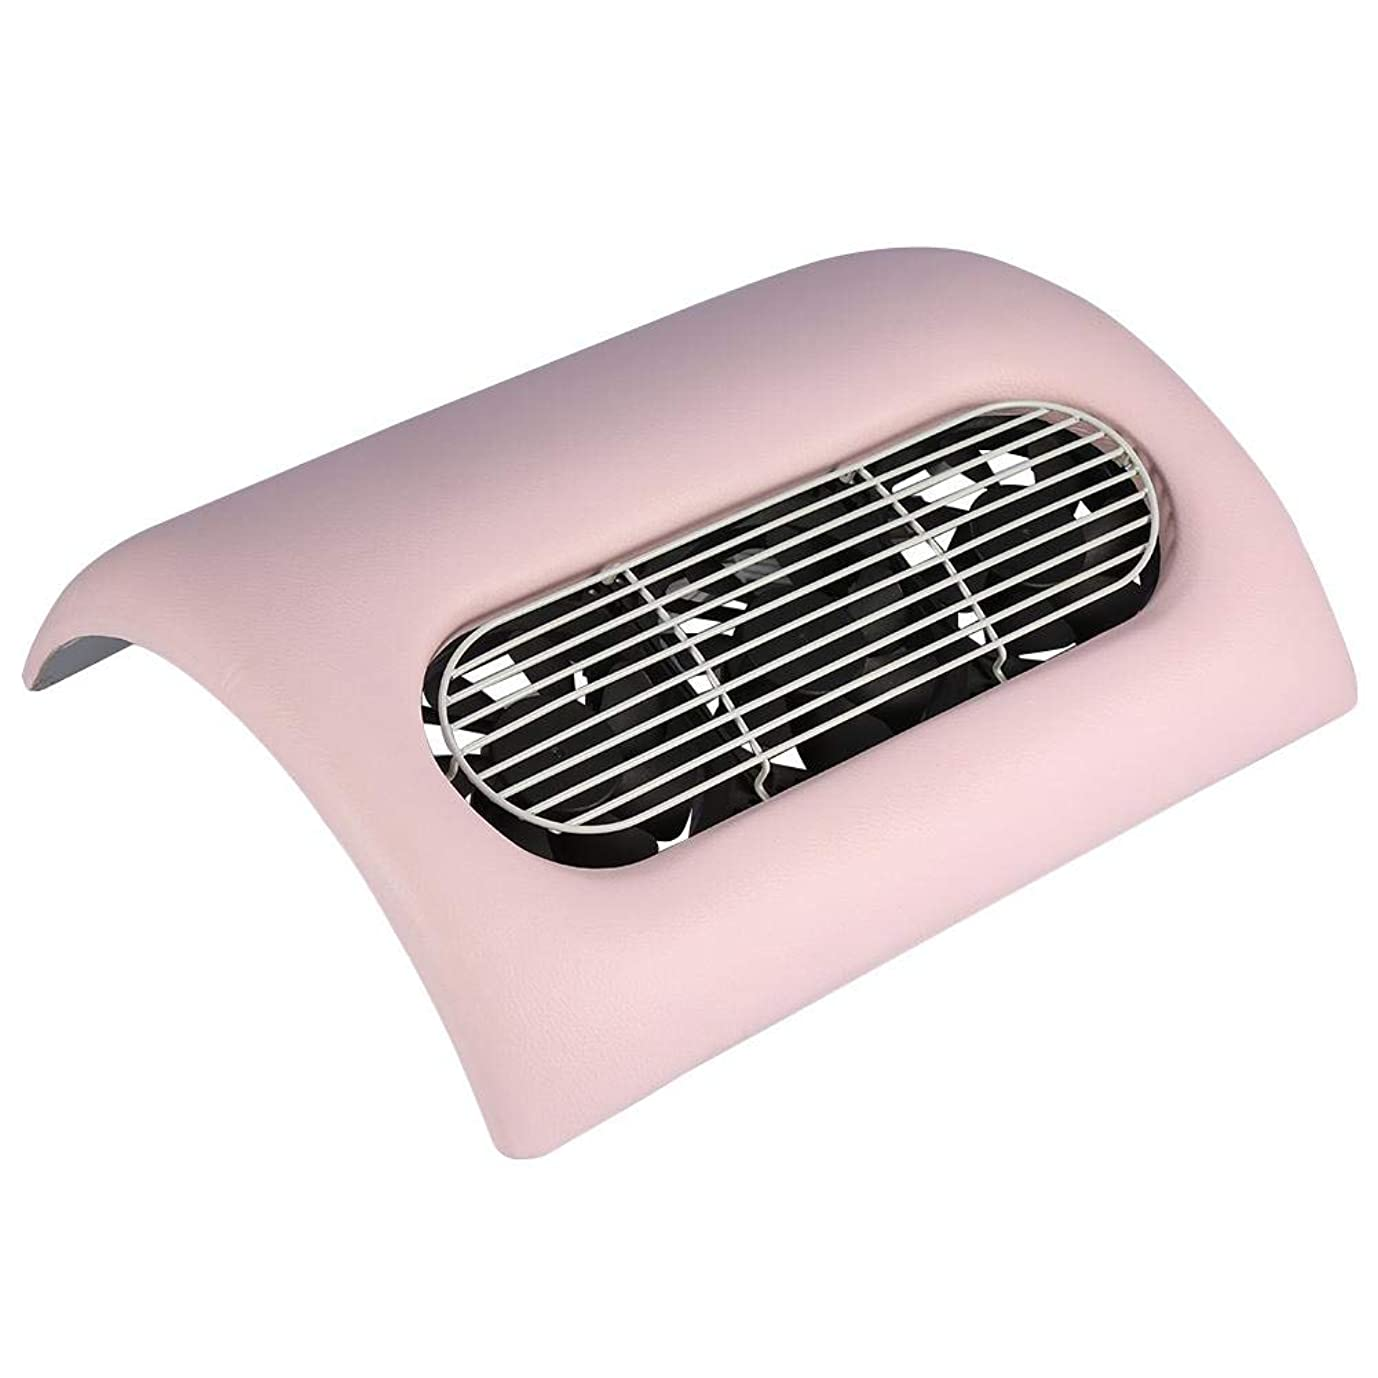 実行健康ペグネイルダスト掃除機,ネイルダストクリーナー3色ー2-IN-1強力なネイルアート集塵機コレクターマニキュア掃除機 (Pink)